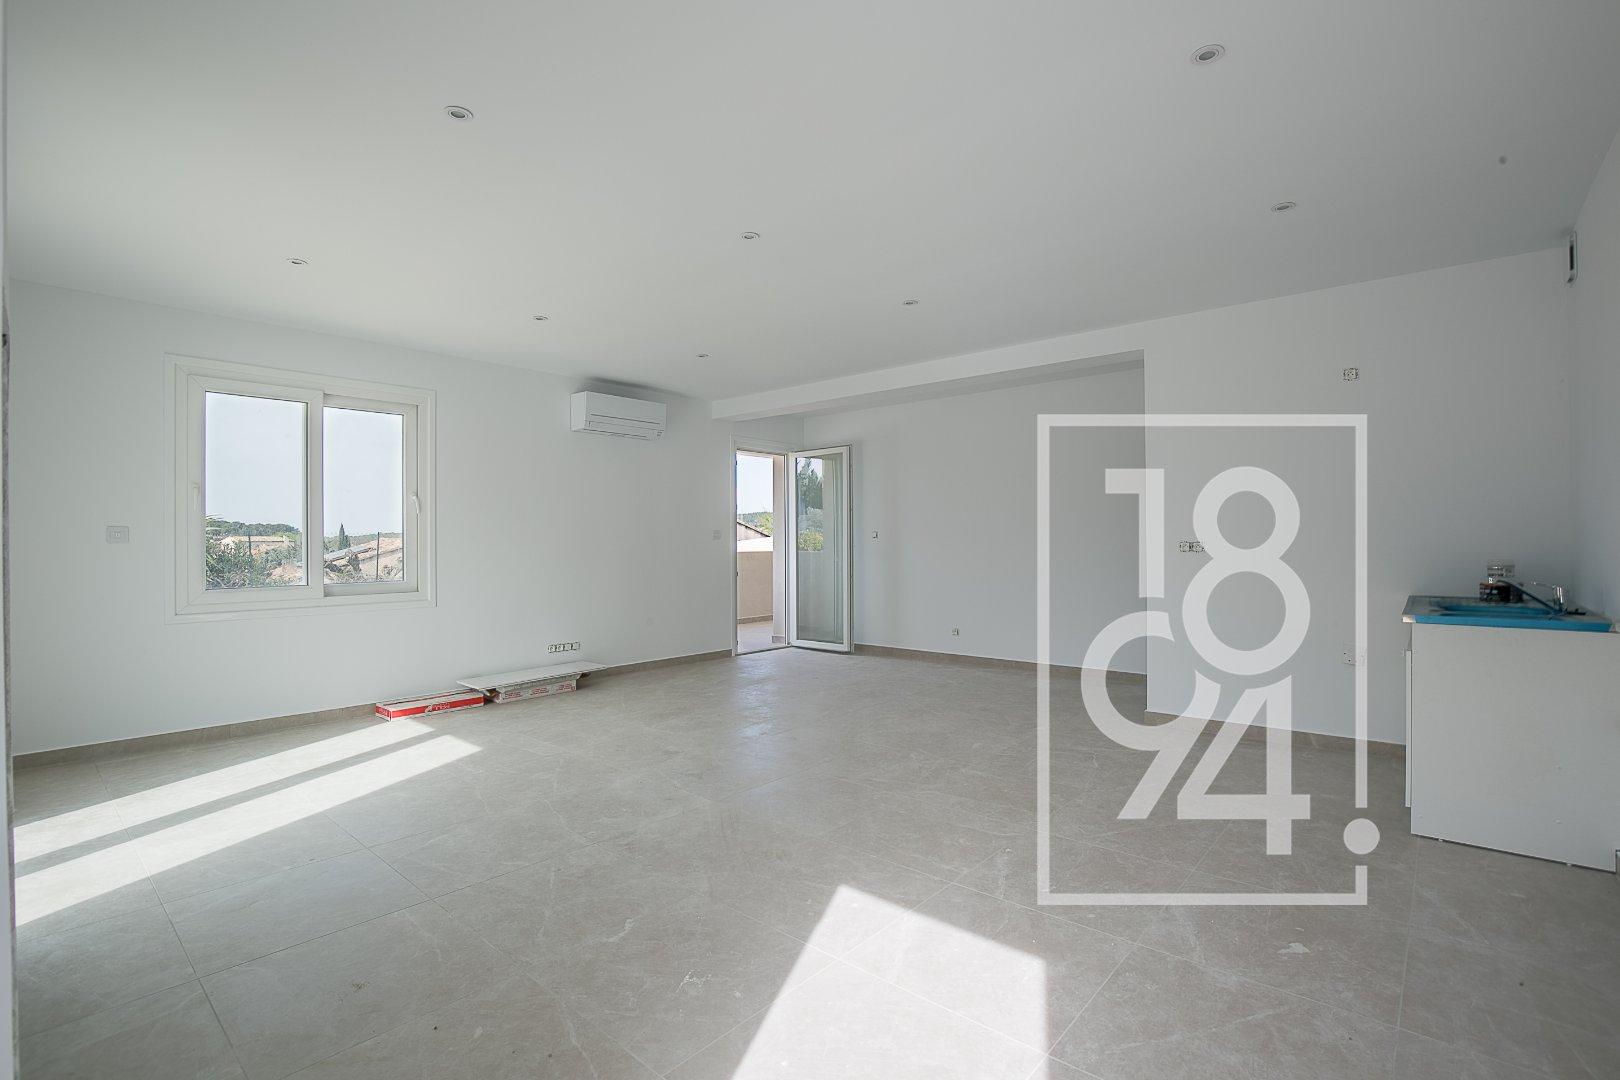 Appartement neuf traversant T3 d'environ 82m2 avec balcon et places de stationnement à Velaux